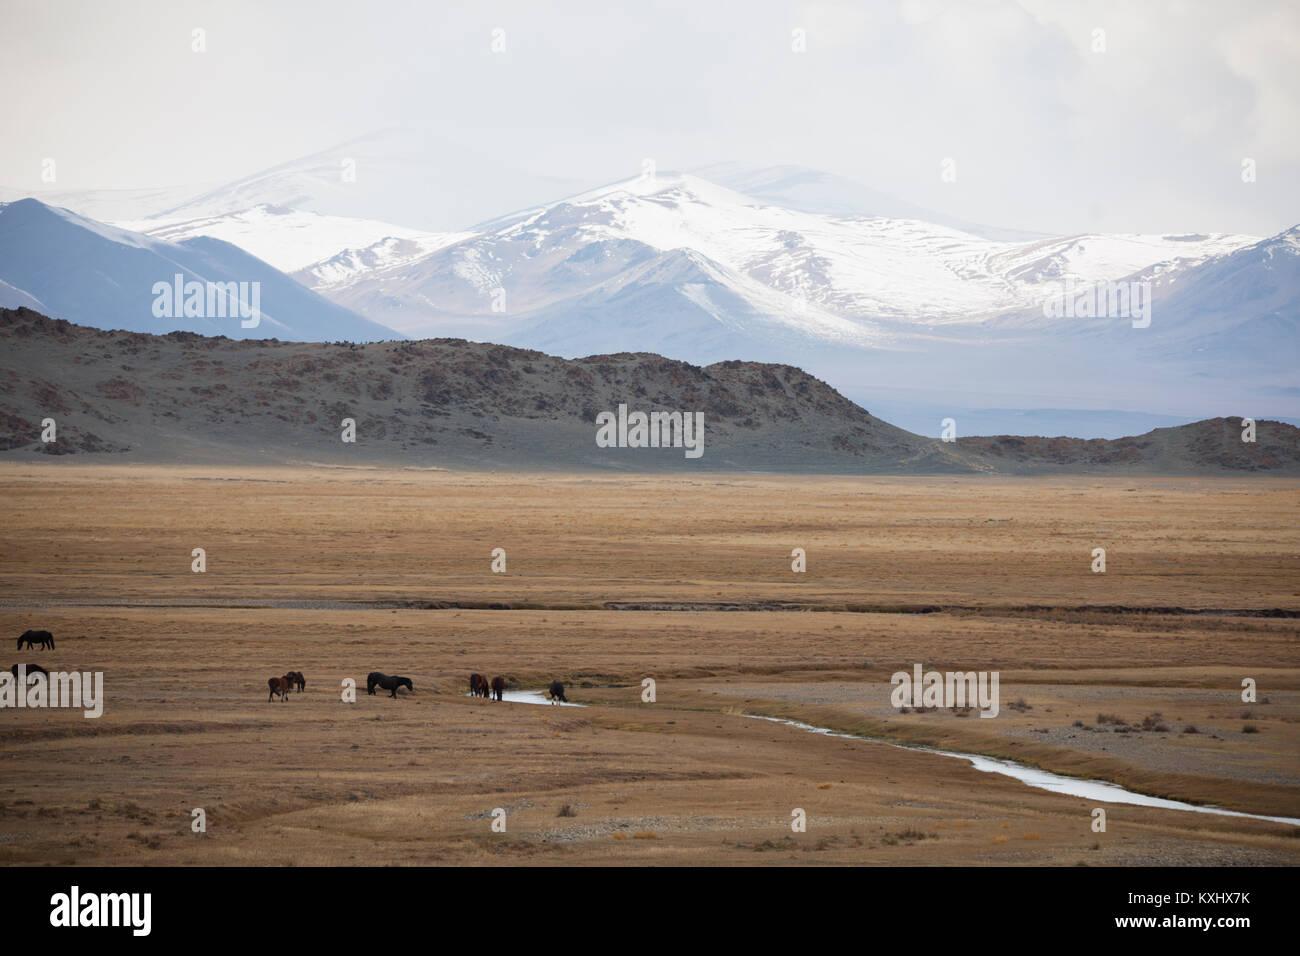 Paysage de Mongolie montagnes enneigées neige hiver chevaux sauvages de Mongolie rivière potable Banque D'Images